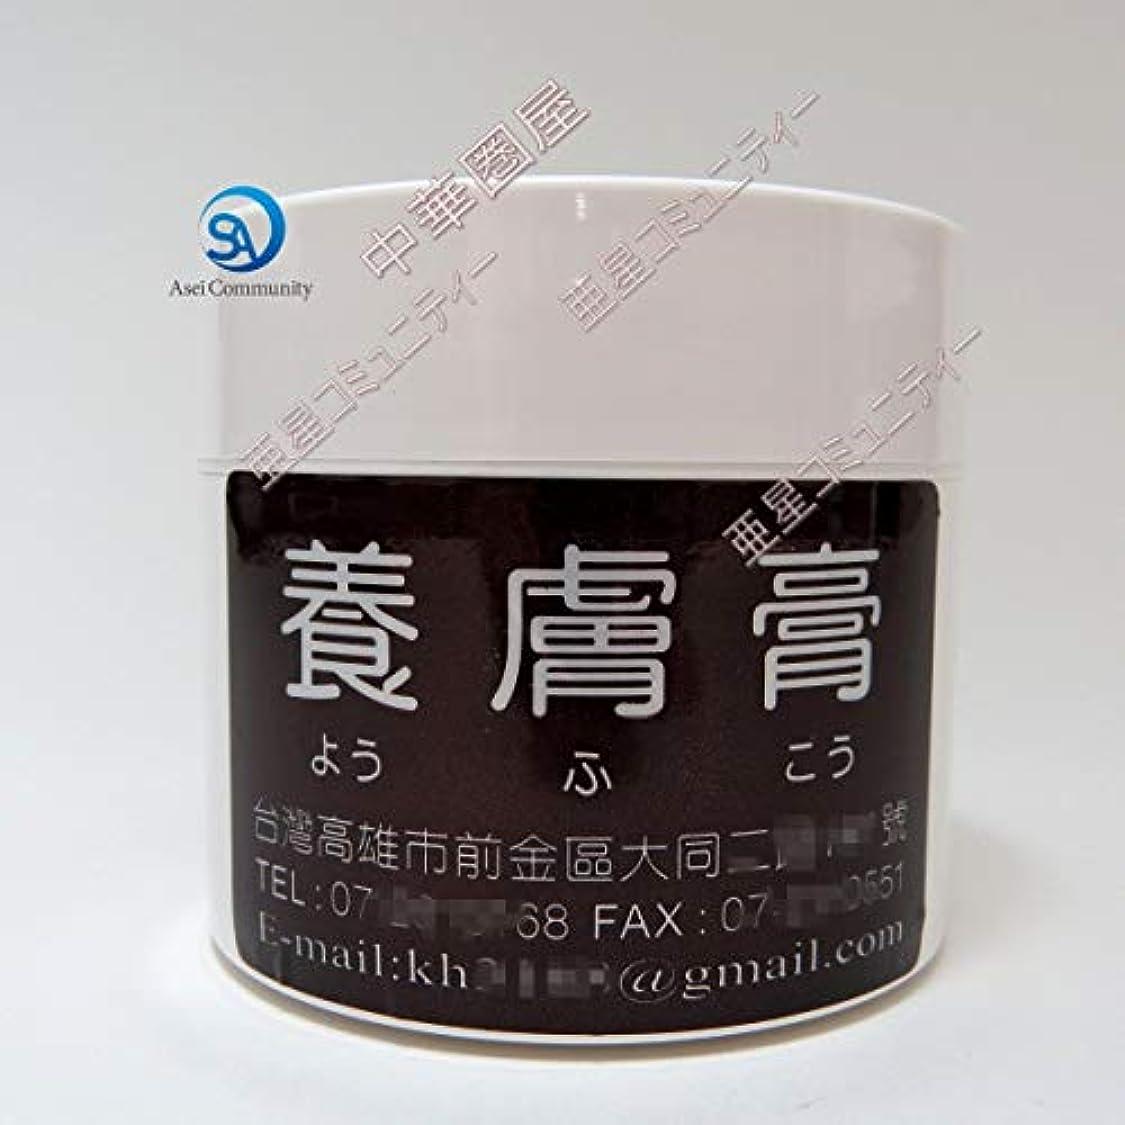 証人議会喜んで台湾お土産 台湾 高雄 ようふこう 養膚膏 120g